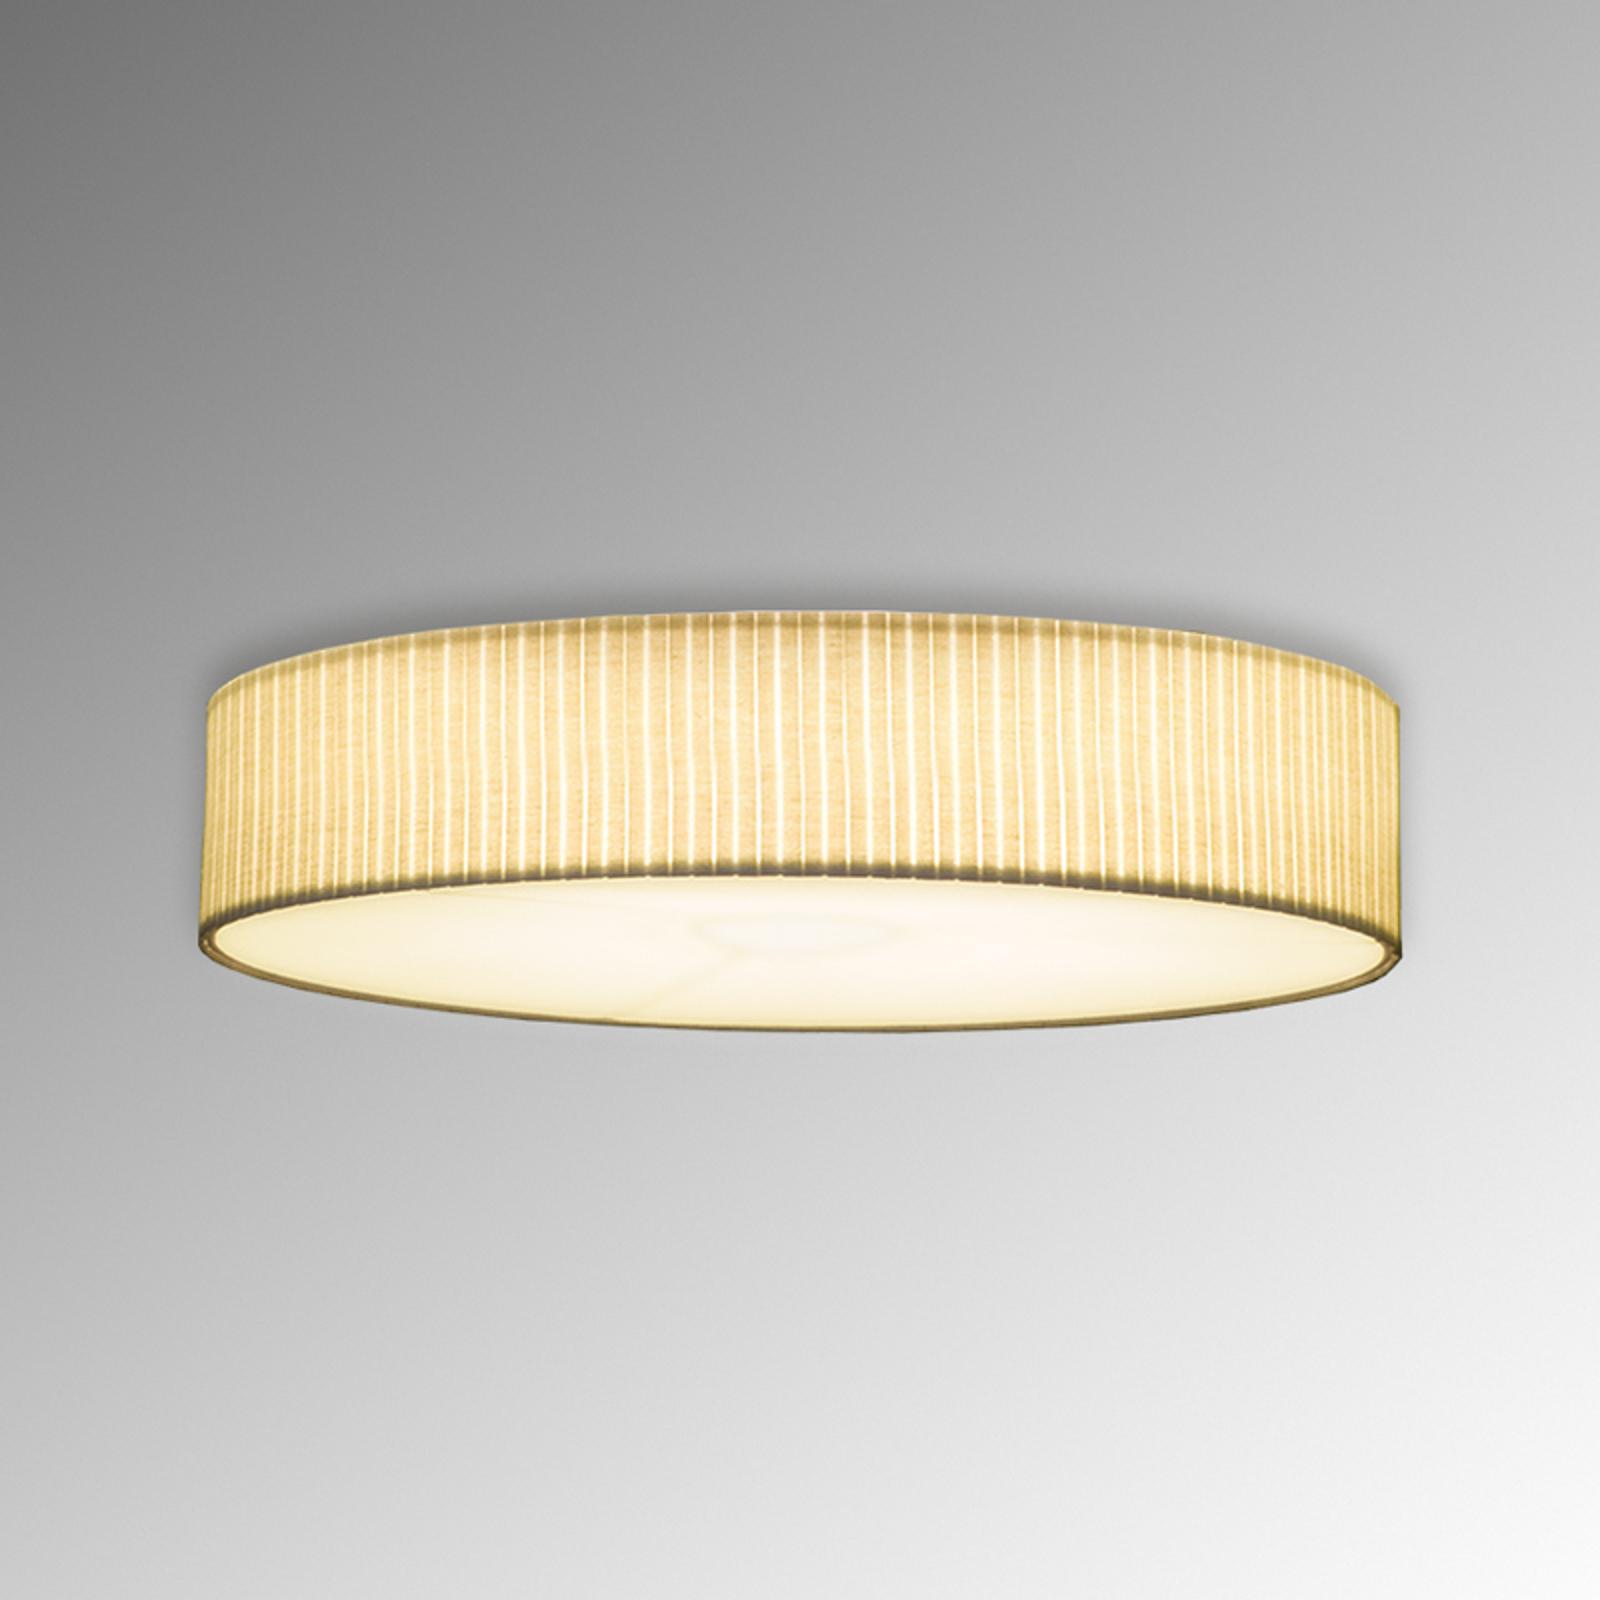 Estetyczna lampa sufitowa Onda, śred. 45 cm